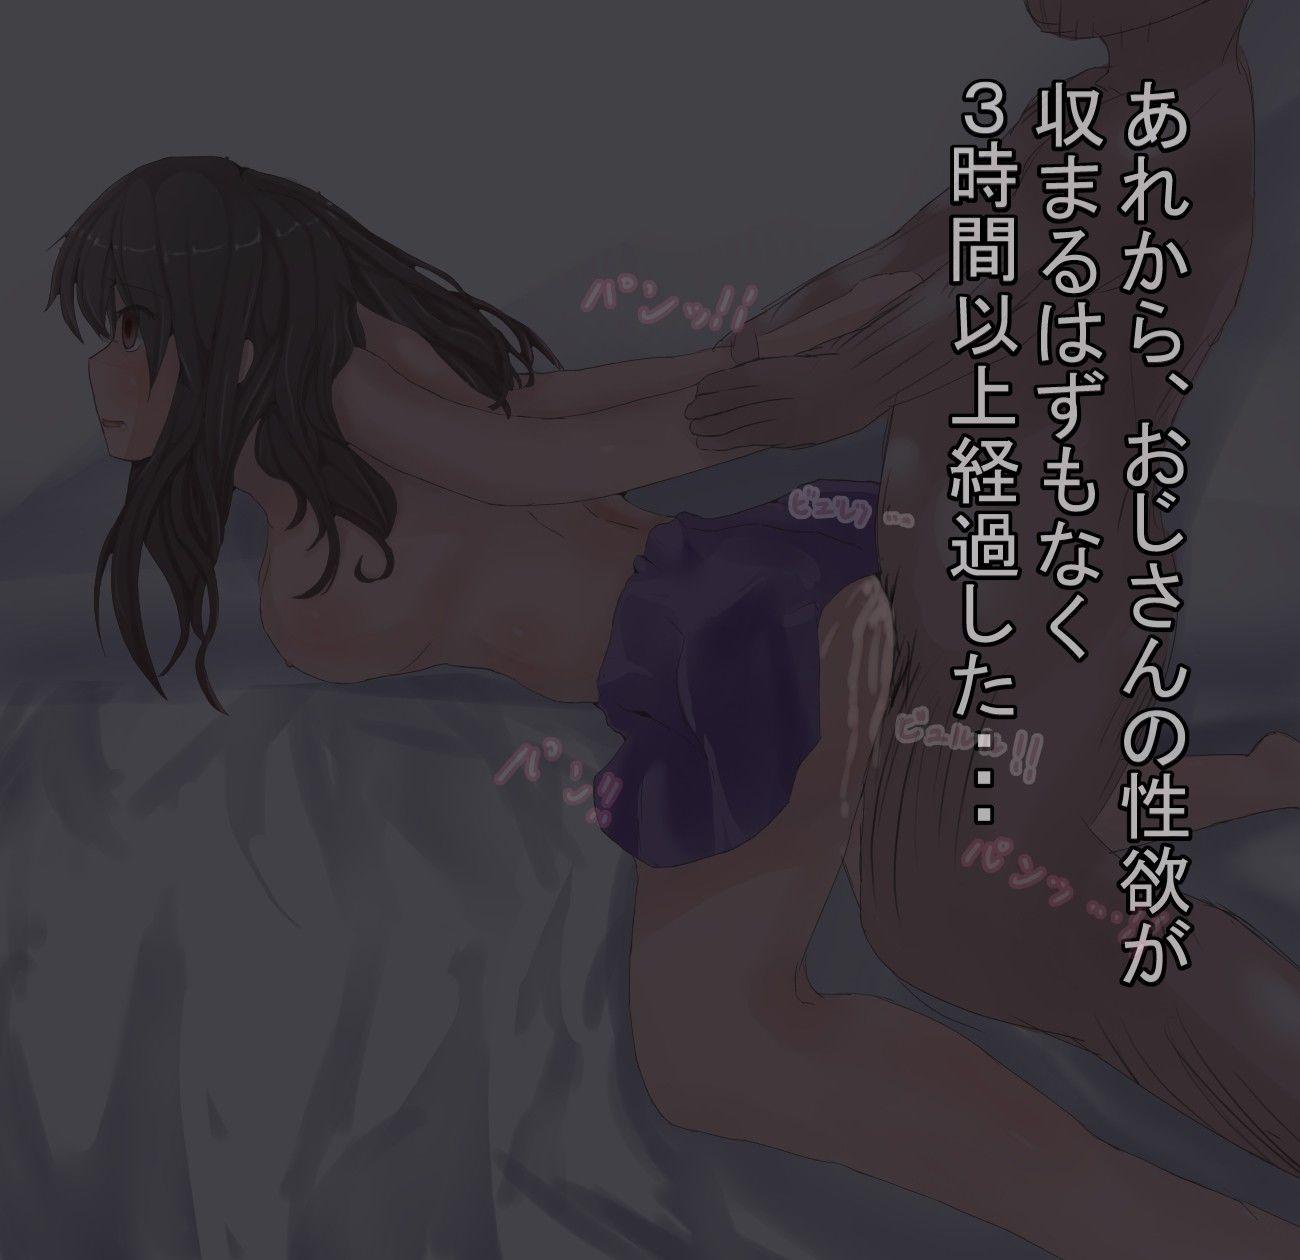 AVアニメなう [今すぐ読める同人サンプル] 「欲望に飲まれた援交J●」(葱Duck亭)